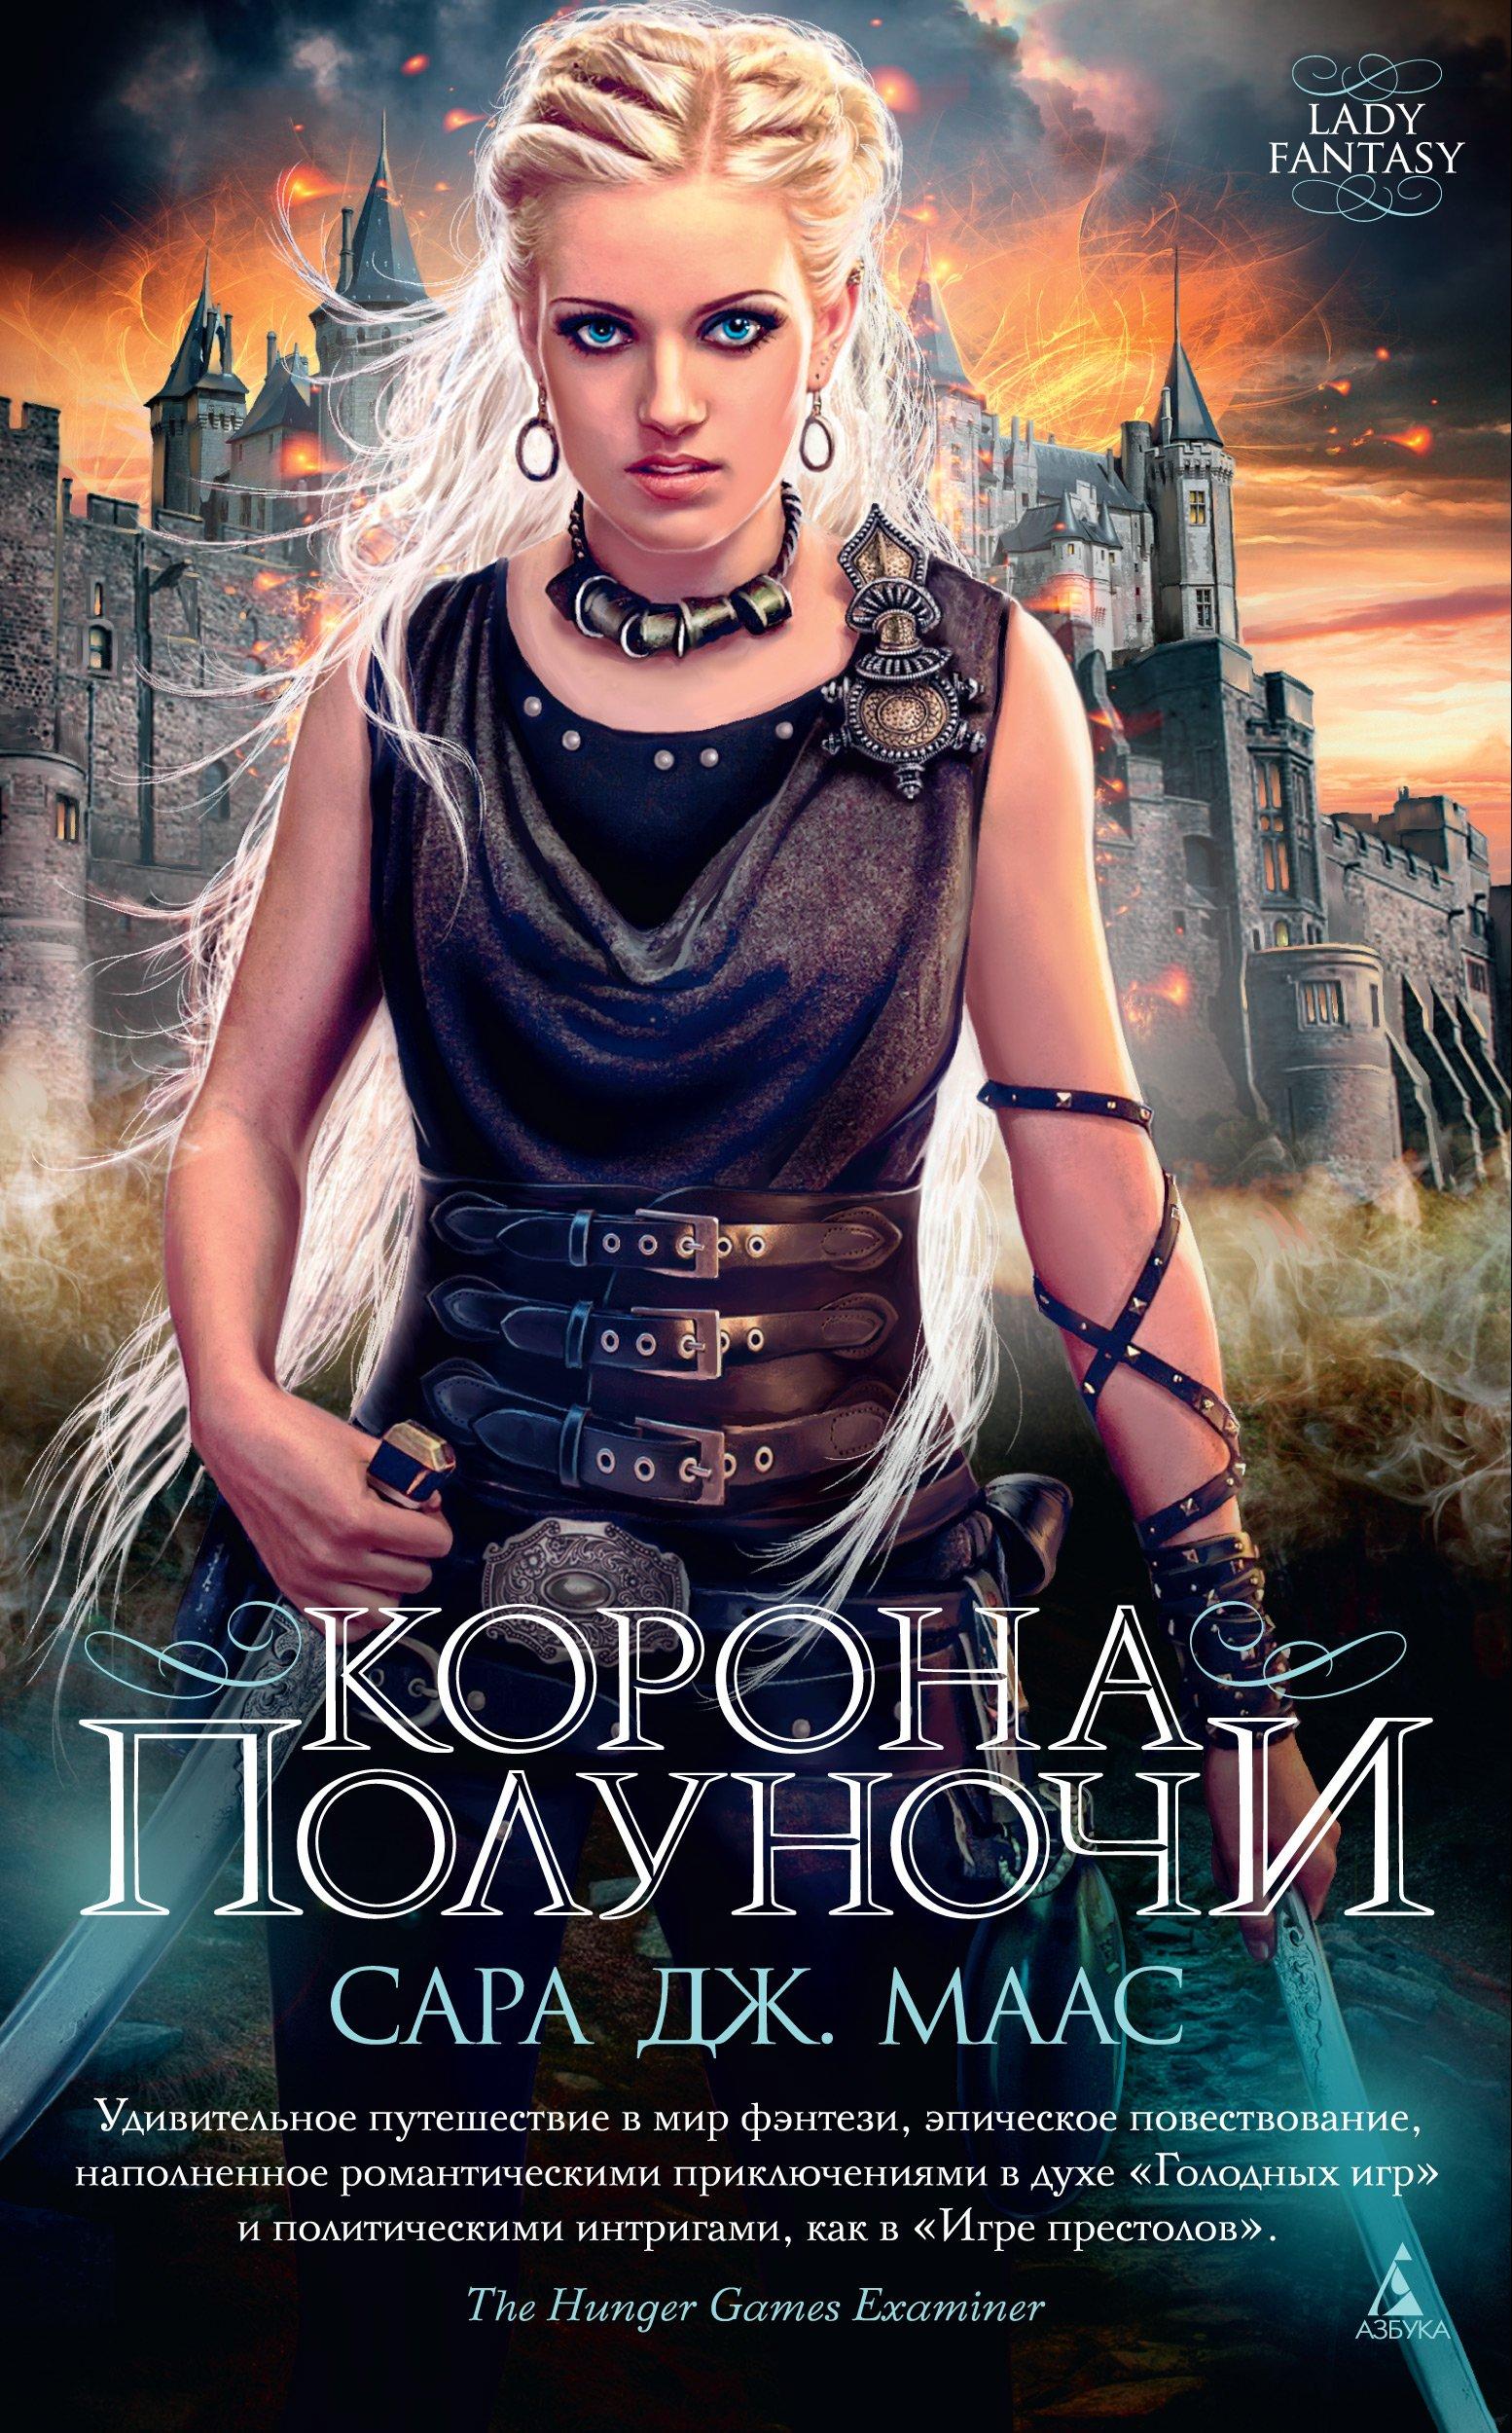 Корона полуночи. Цикл Стеклянный трон. Книга 2 (мягк/обл.)